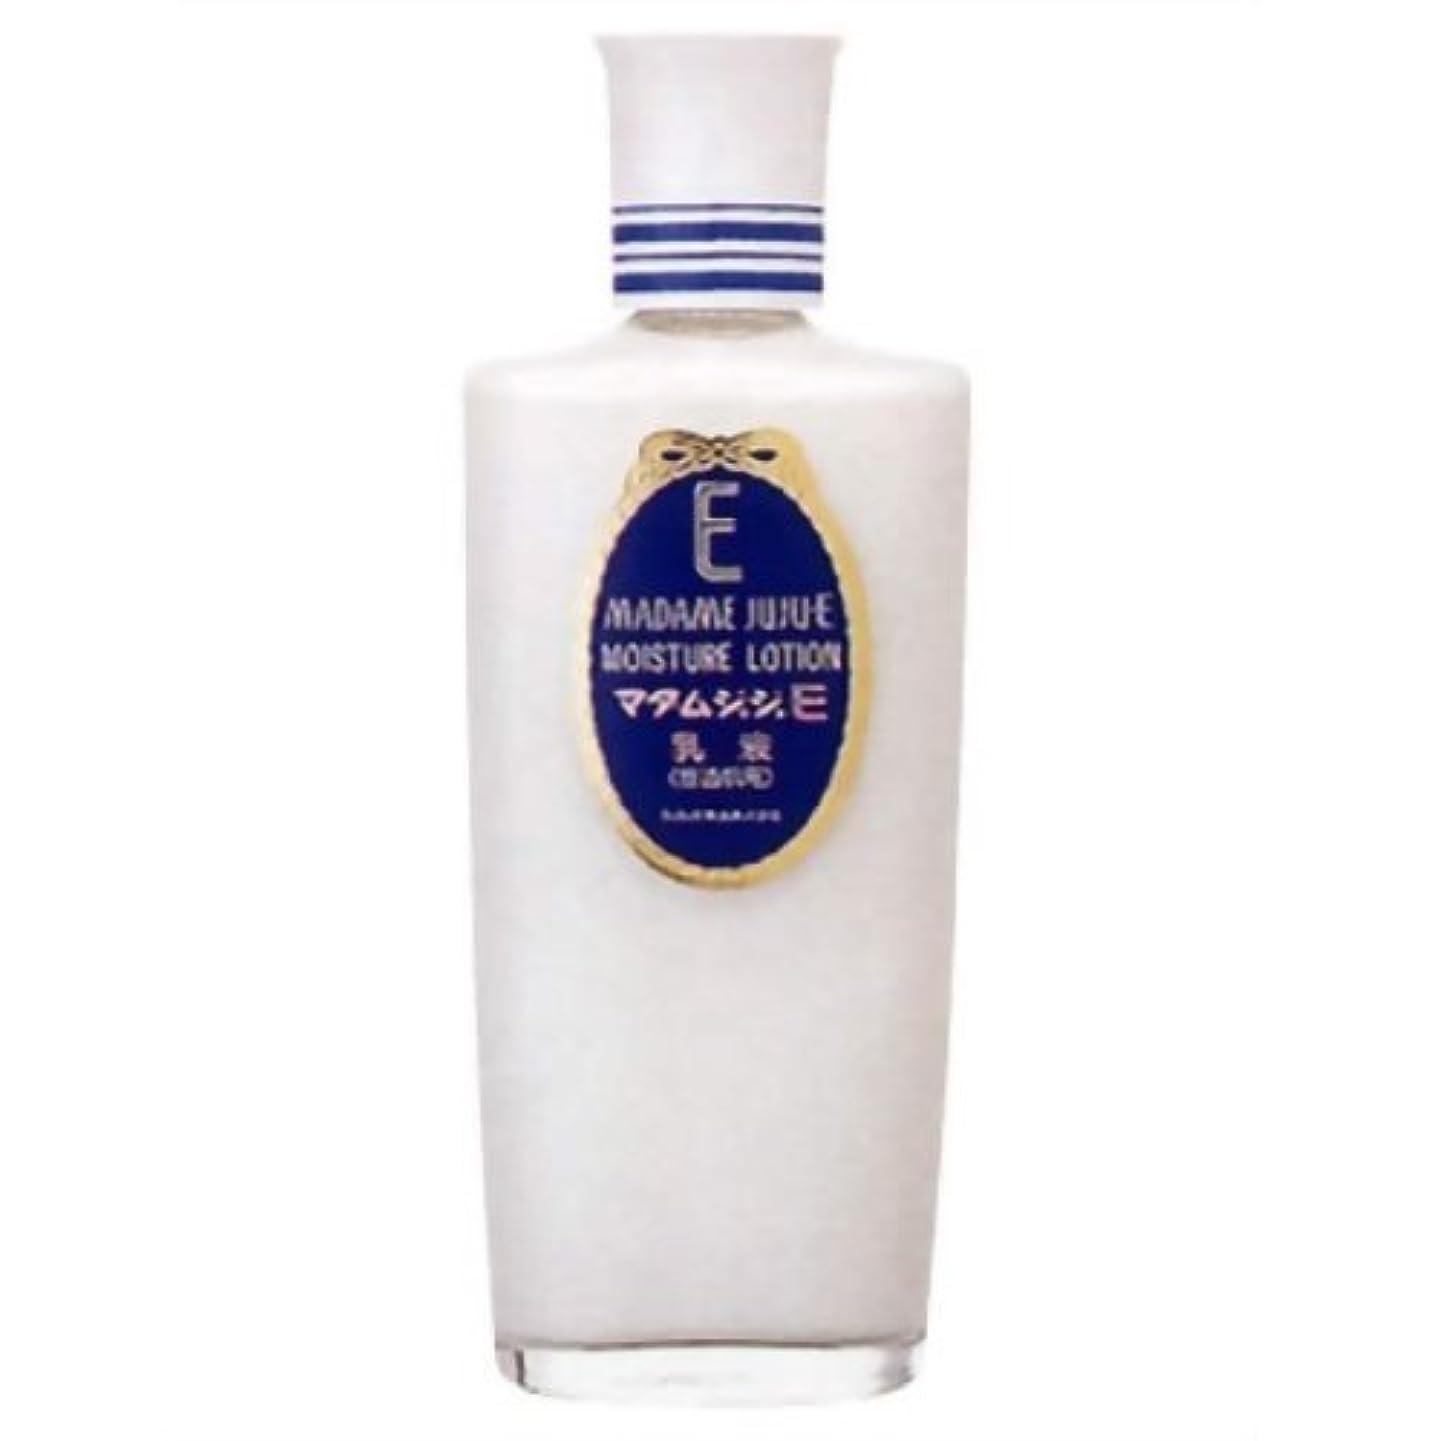 借りる賢い回転させるマダムジュジュE 乳液 ビタミンE+卵黄リポイド配合 150ml